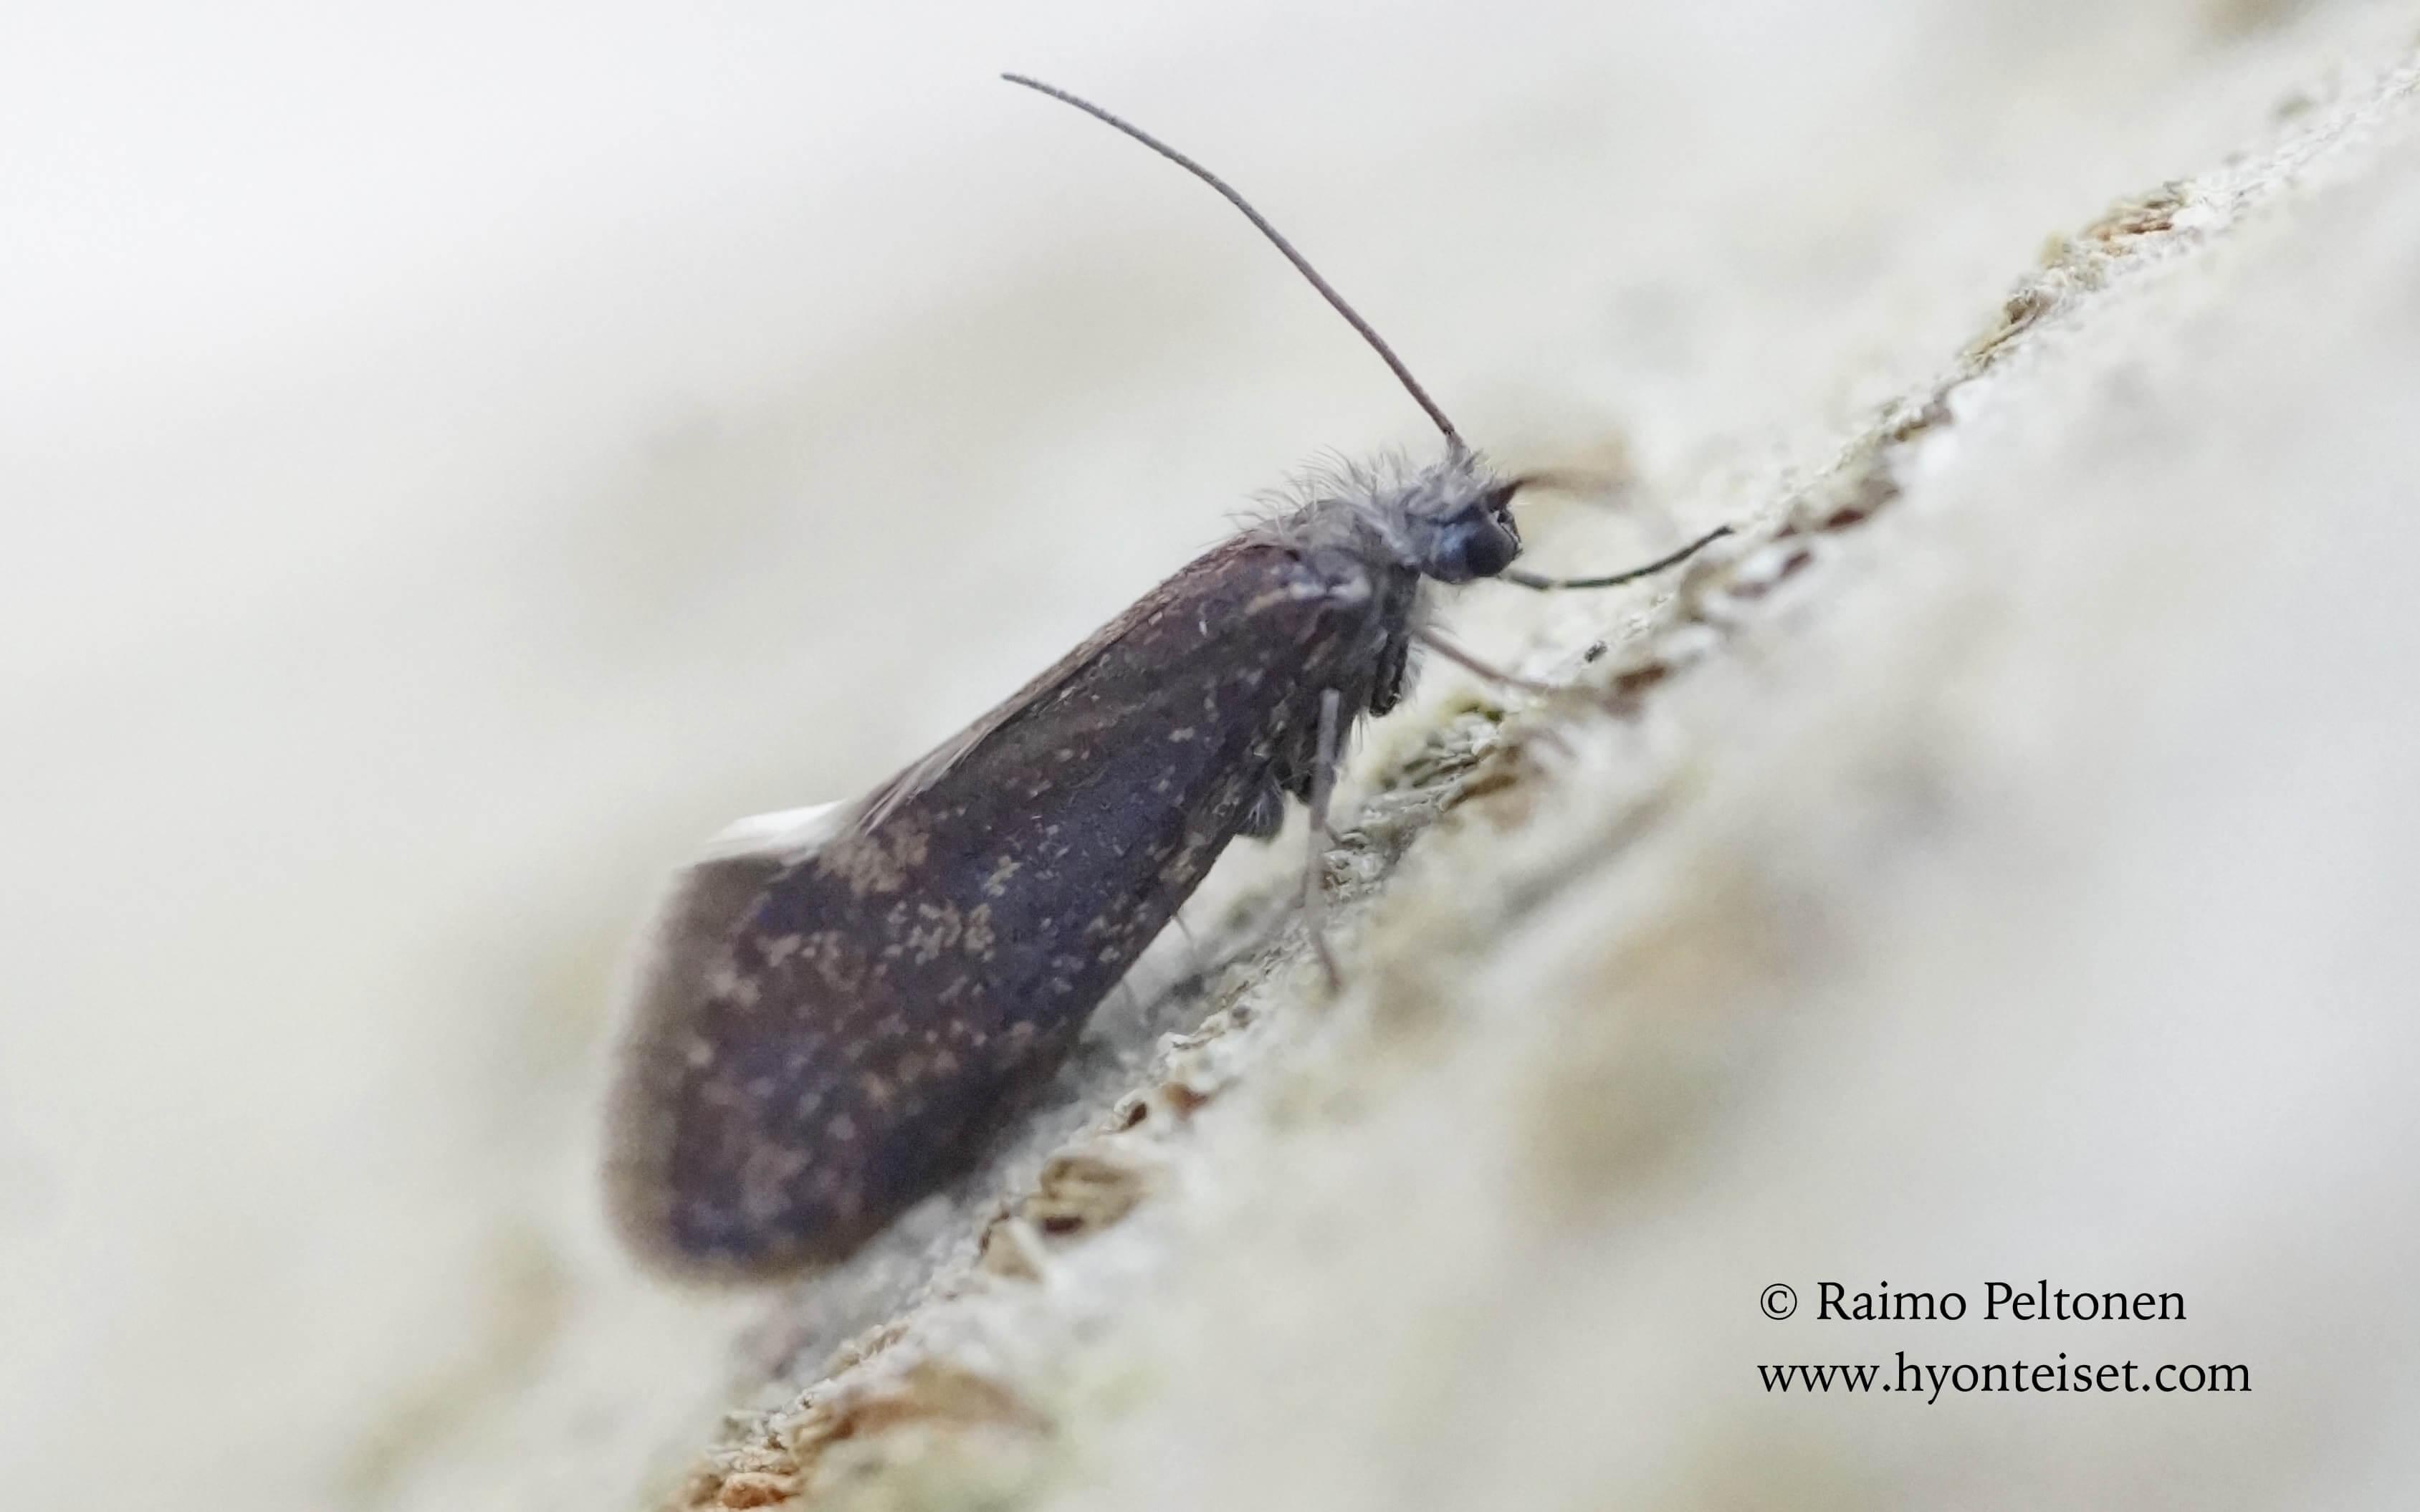 Eriocrania semipurpurella-isopäistärkoi (conf. Harri Jalava), 7.5.2017 Jyväskylä